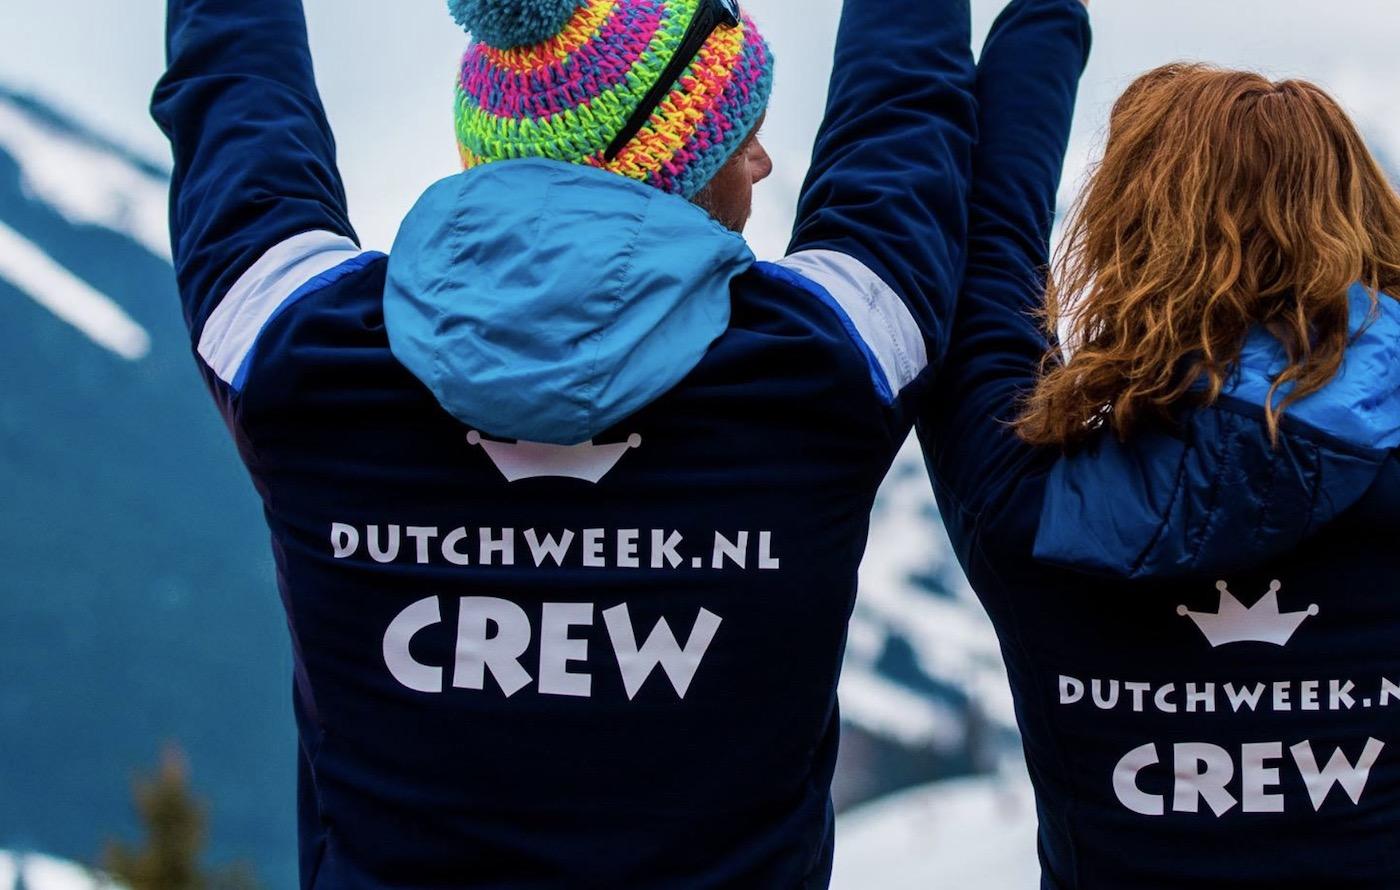 Dutchweek crew gezocht voor evenementen komend seizoen